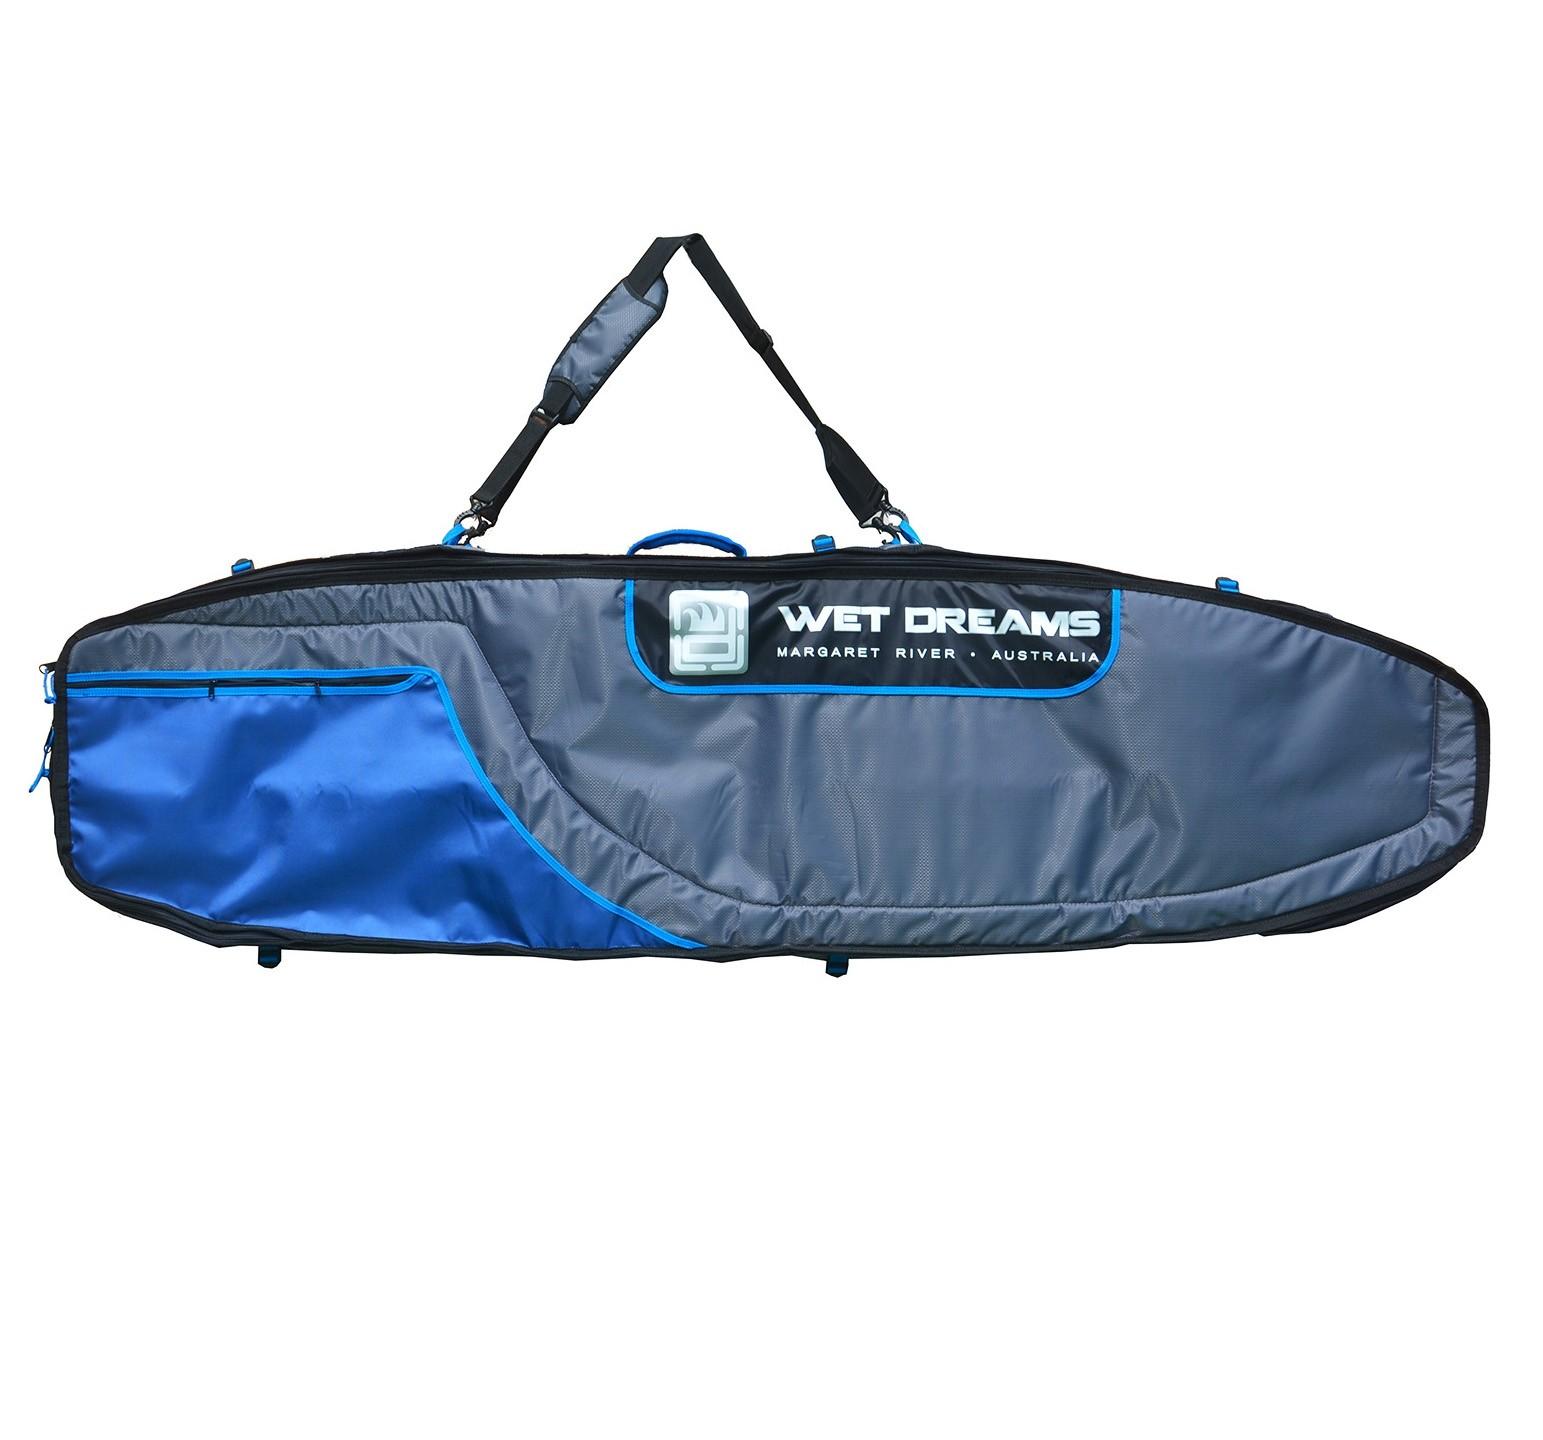 Sarcófago para 4 pranchas de Surf 6'6'' - 2,00m - Wet Dreams | Prancharia